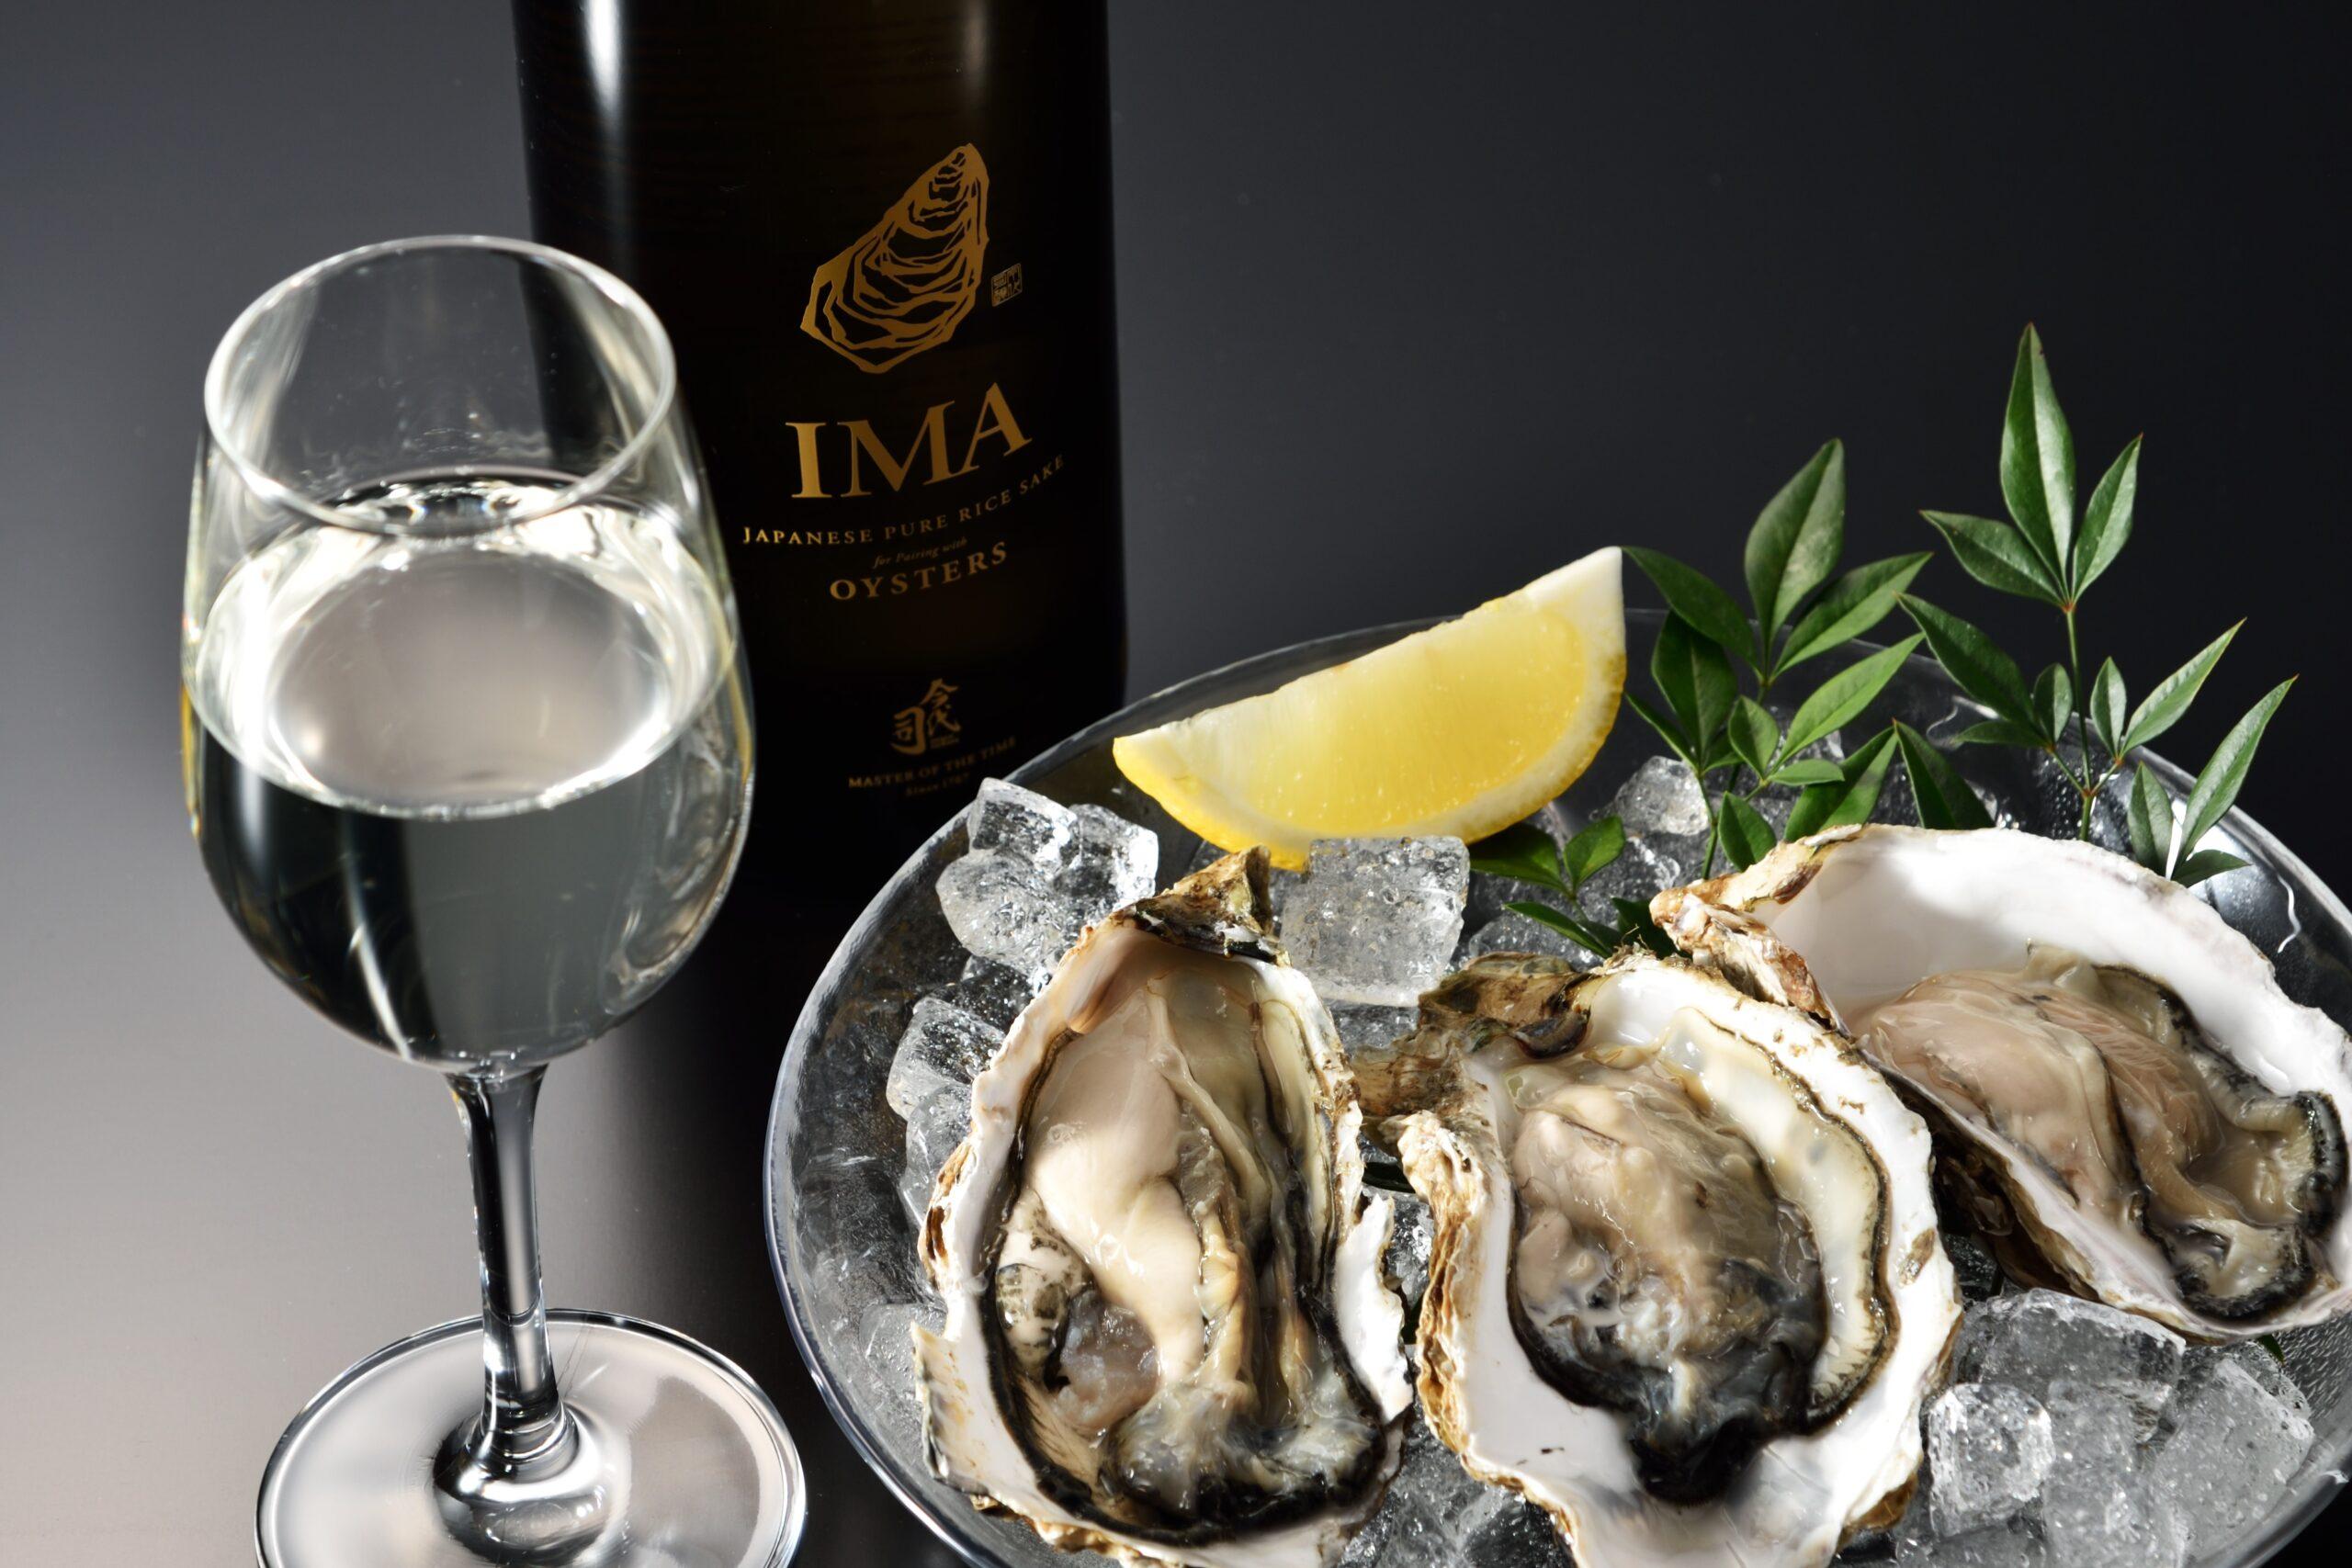 牡蠣のための日本酒「IMA」蔵人が作るお米「五百万石」を知る旅。2021年7月31日(土)15:00〜16:30 酒蔵をオンラインで旅するサイト「TSUGoo」企画。